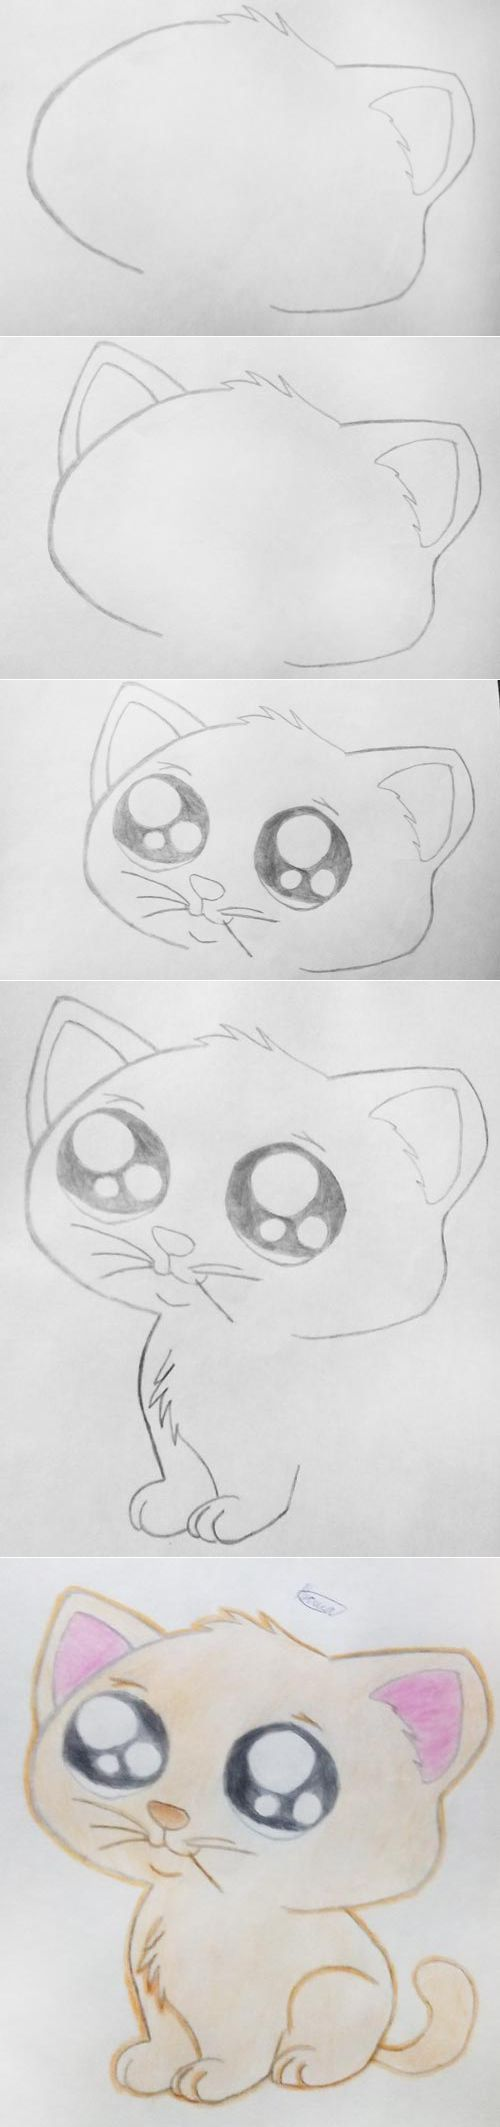 картинки милых котят с милыми глазками поэтапно уникальным